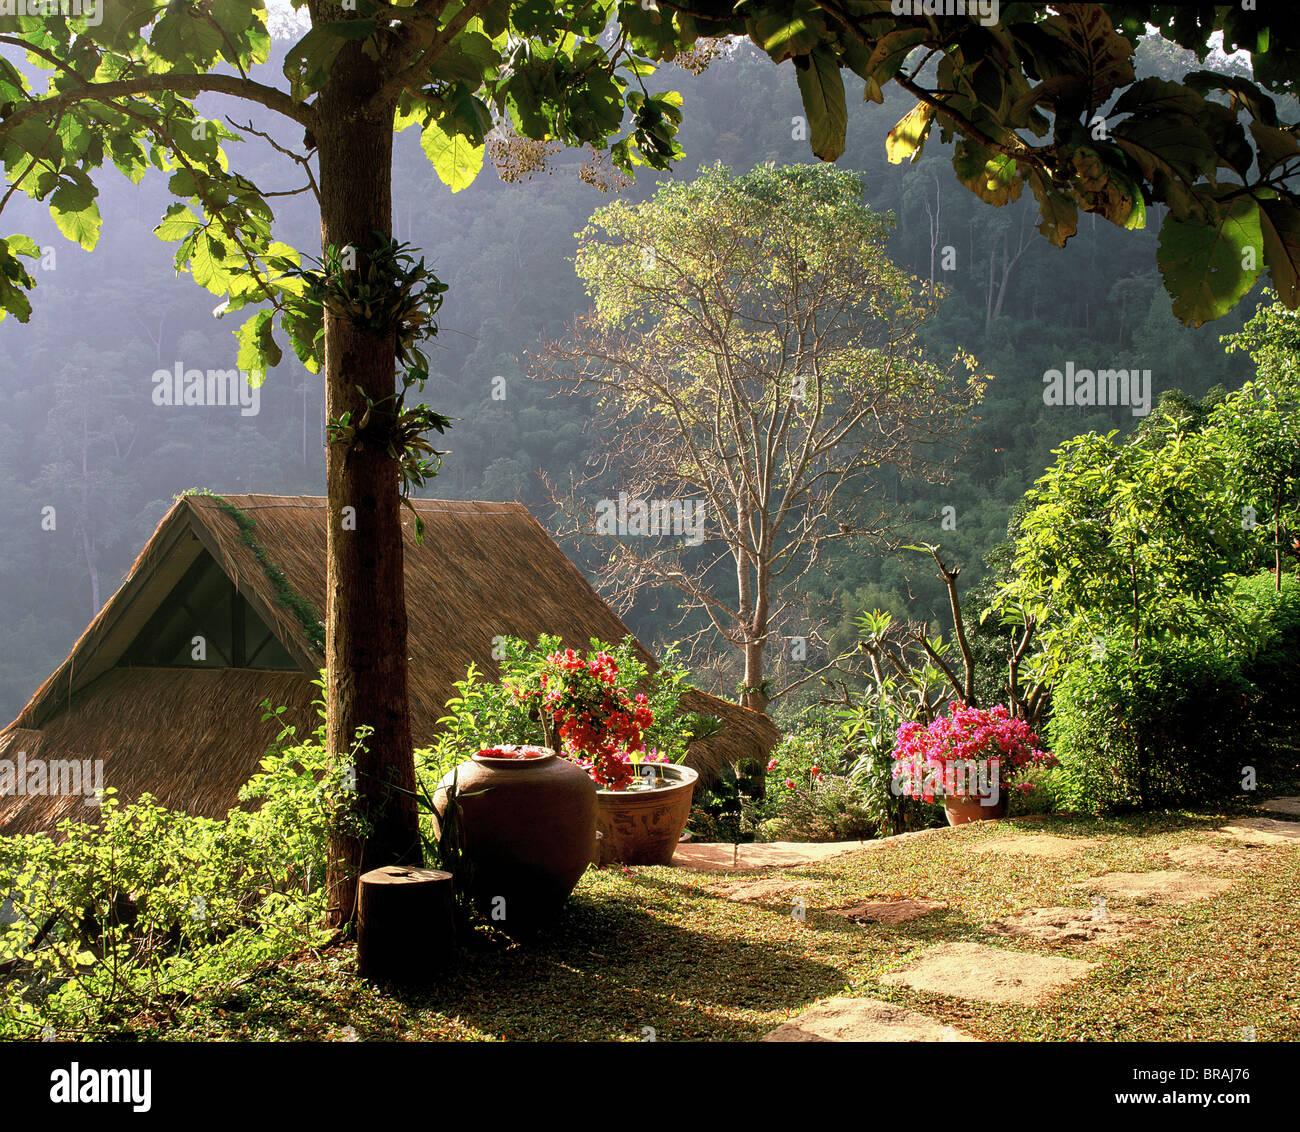 Paisaje de Montaña Pacífica, Chiang Mai, Tailandia, en el sudeste de Asia, Asia Imagen De Stock